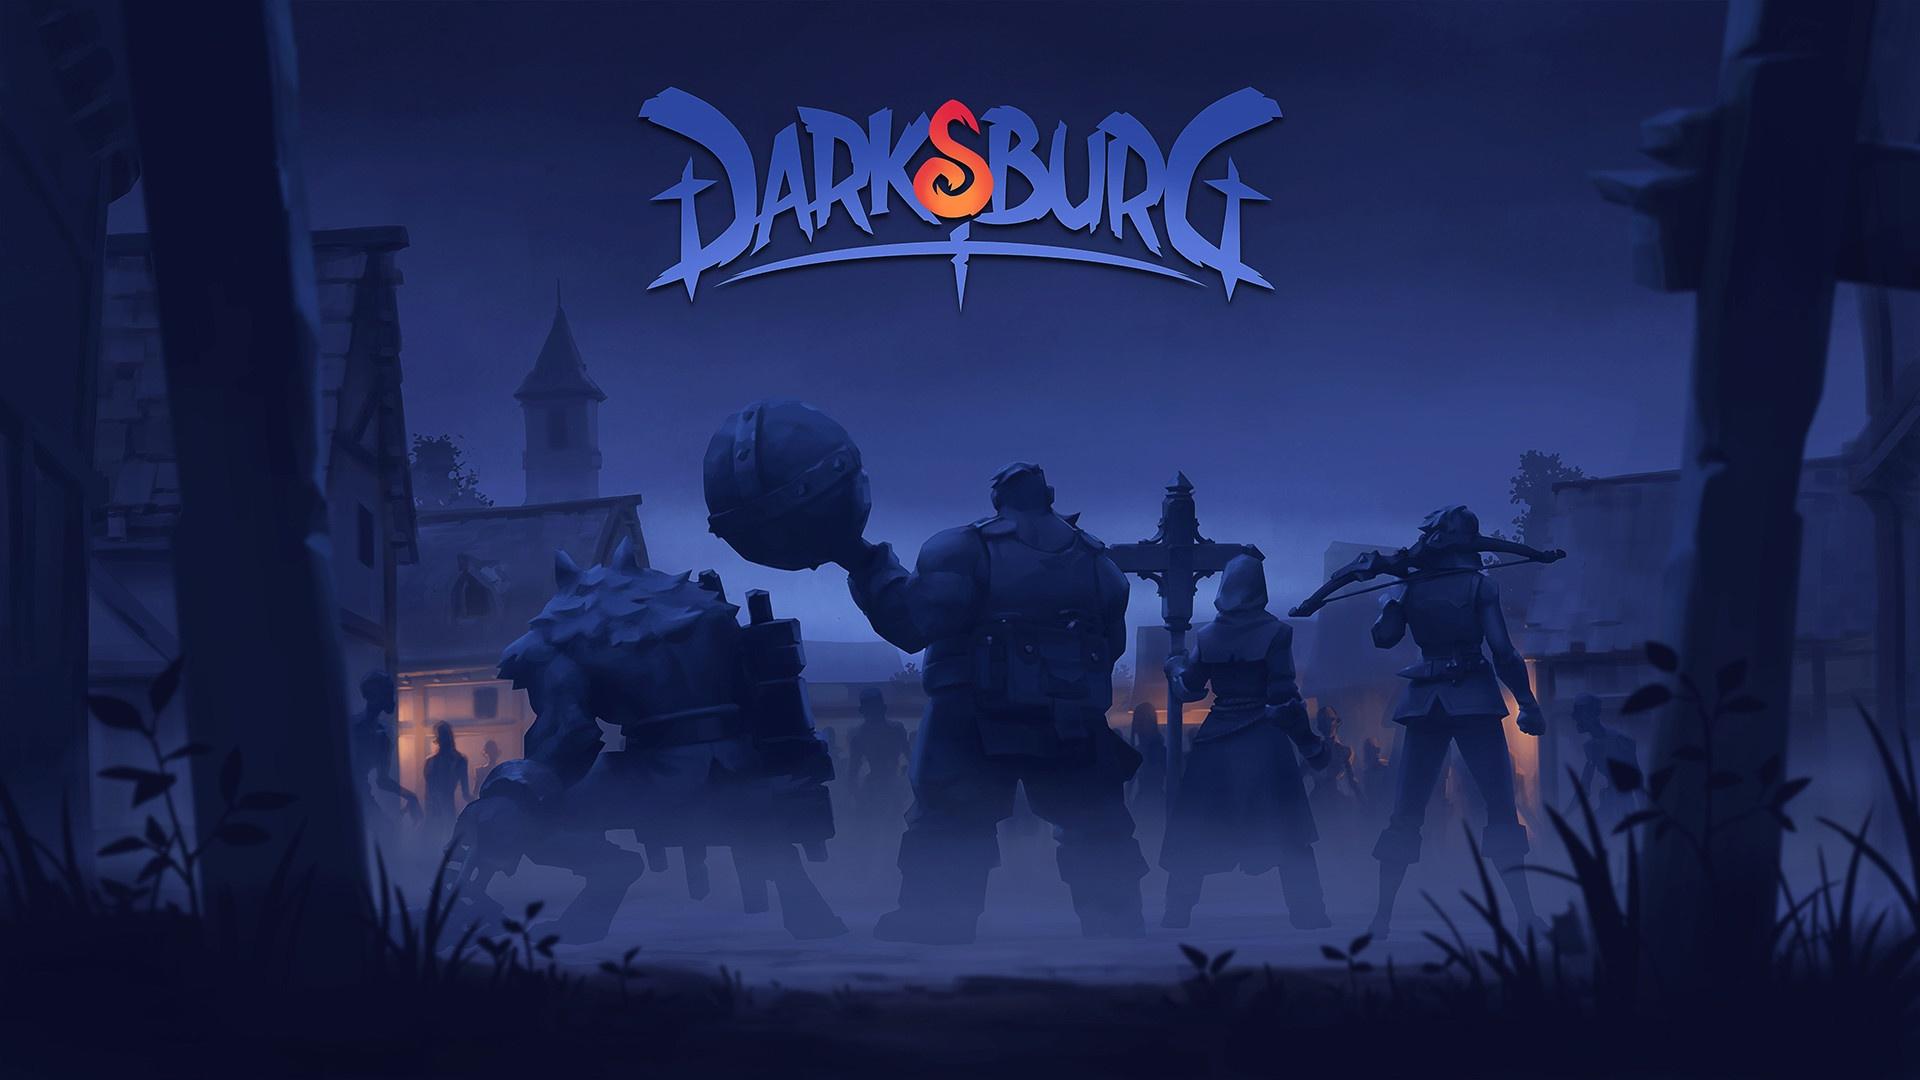 Средневековый зомби-экшен Darksburg выйдет в ранний доступ Steam12 февраля